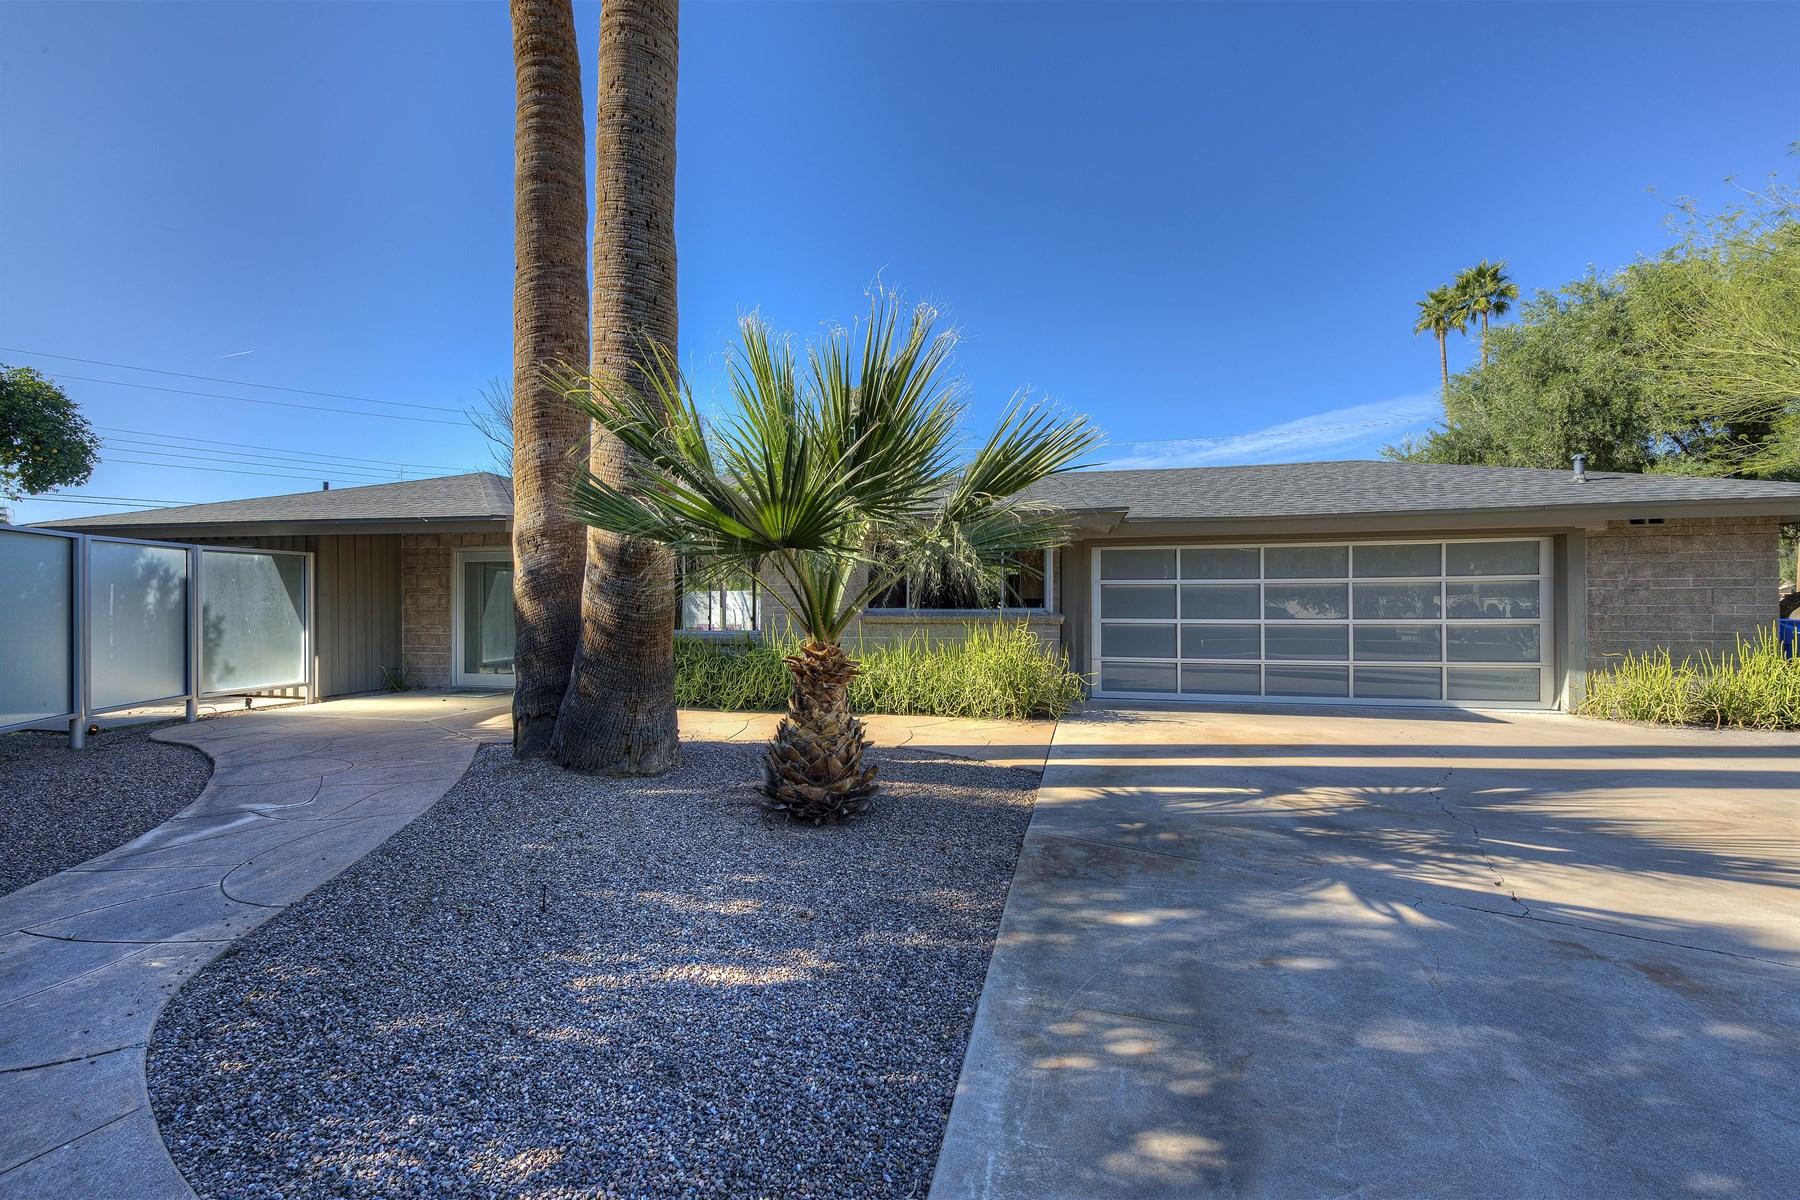 Maison unifamiliale pour l Vente à Completely Remodeled Contemporary Home 3108 N Marigold Drive Phoenix, Arizona 85018 États-Unis